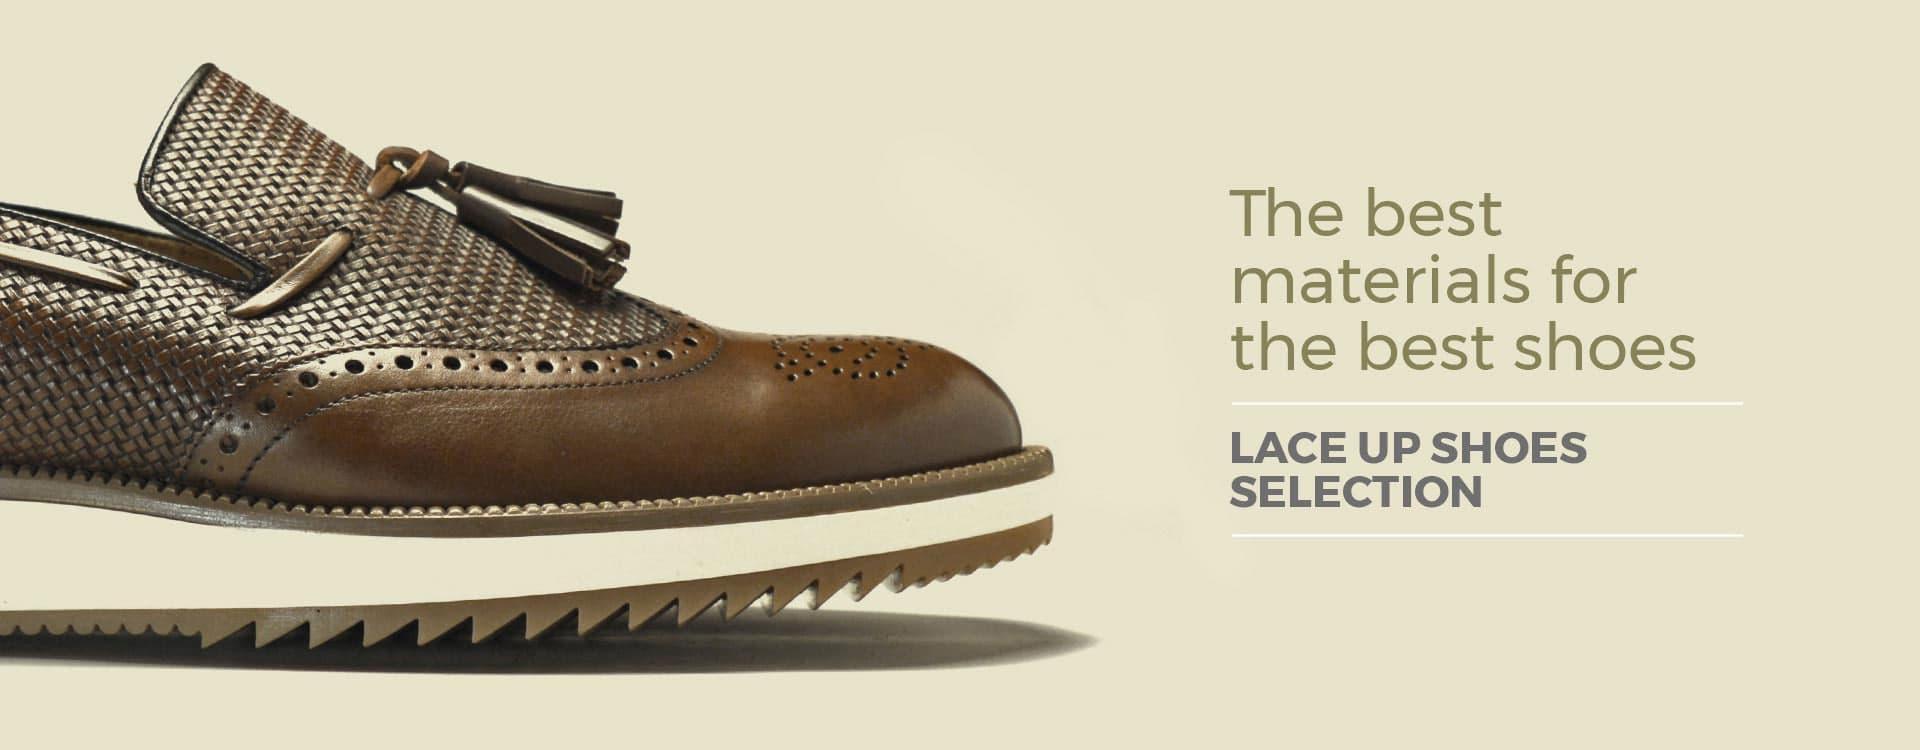 calzados-complementos-seryey-1